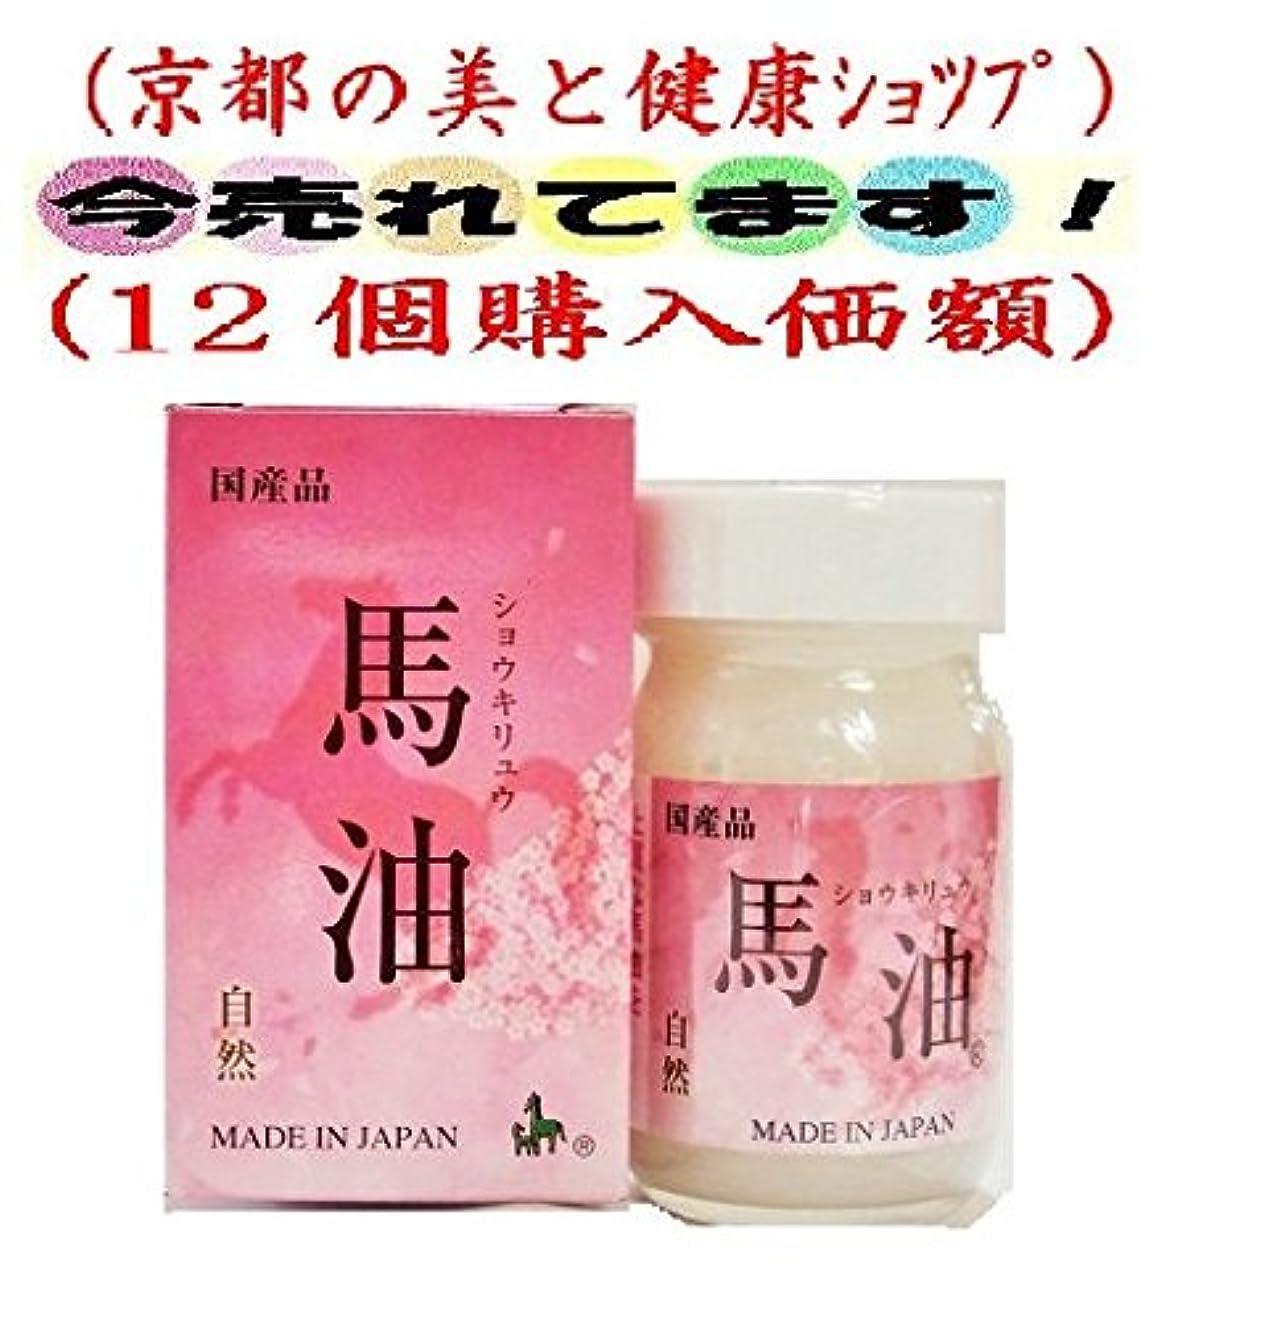 首尾一貫したトピック導出ショウキリュウ 馬油 自然 70ml (桜 ピンク化粧箱 12個購入価額)